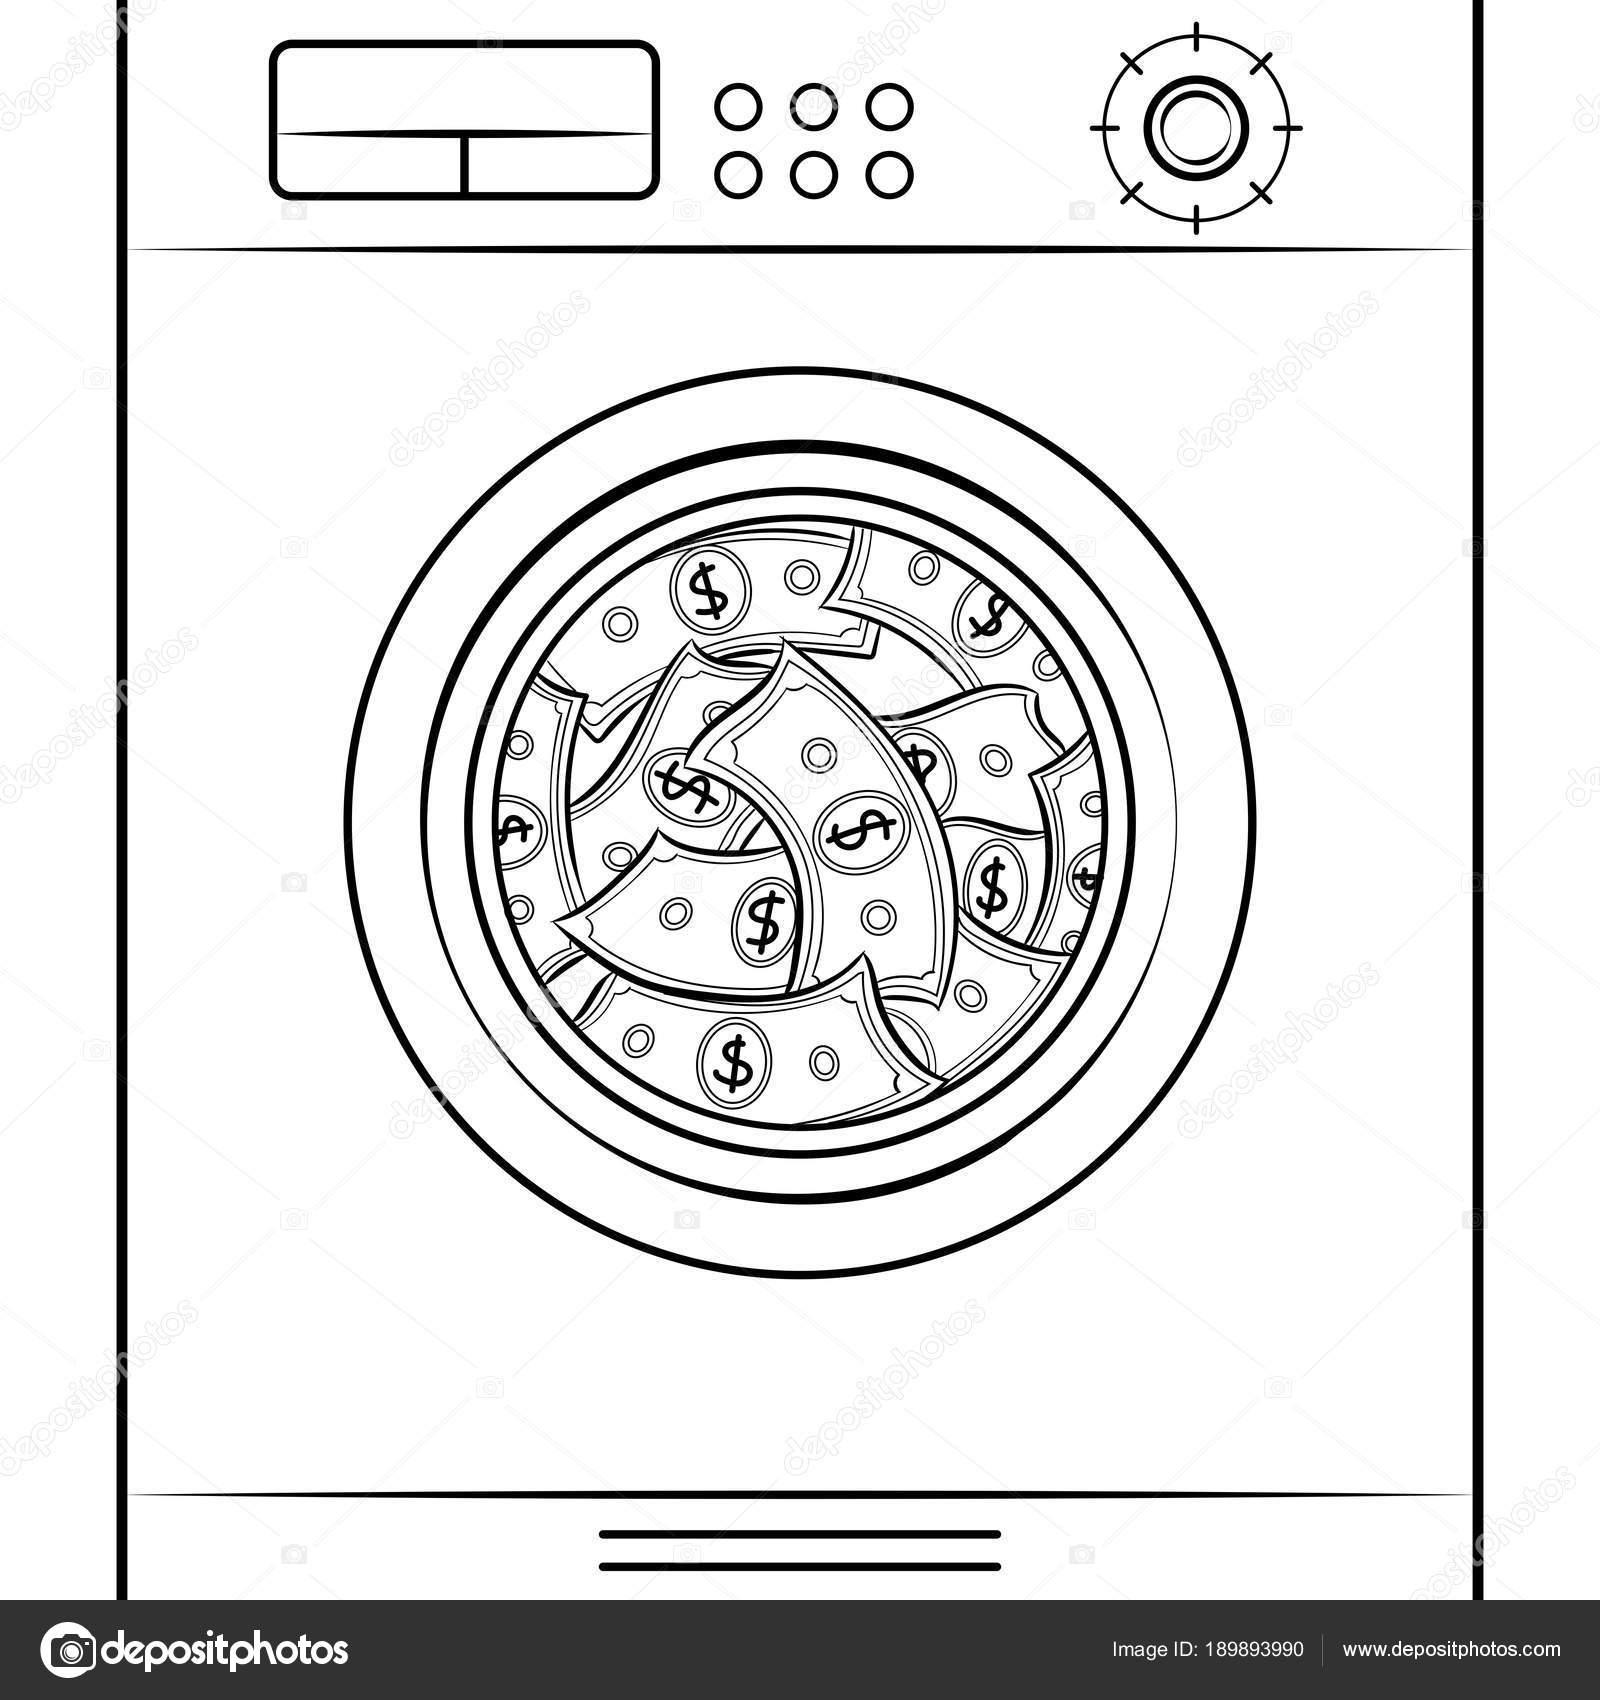 wasmachine kleurplaat